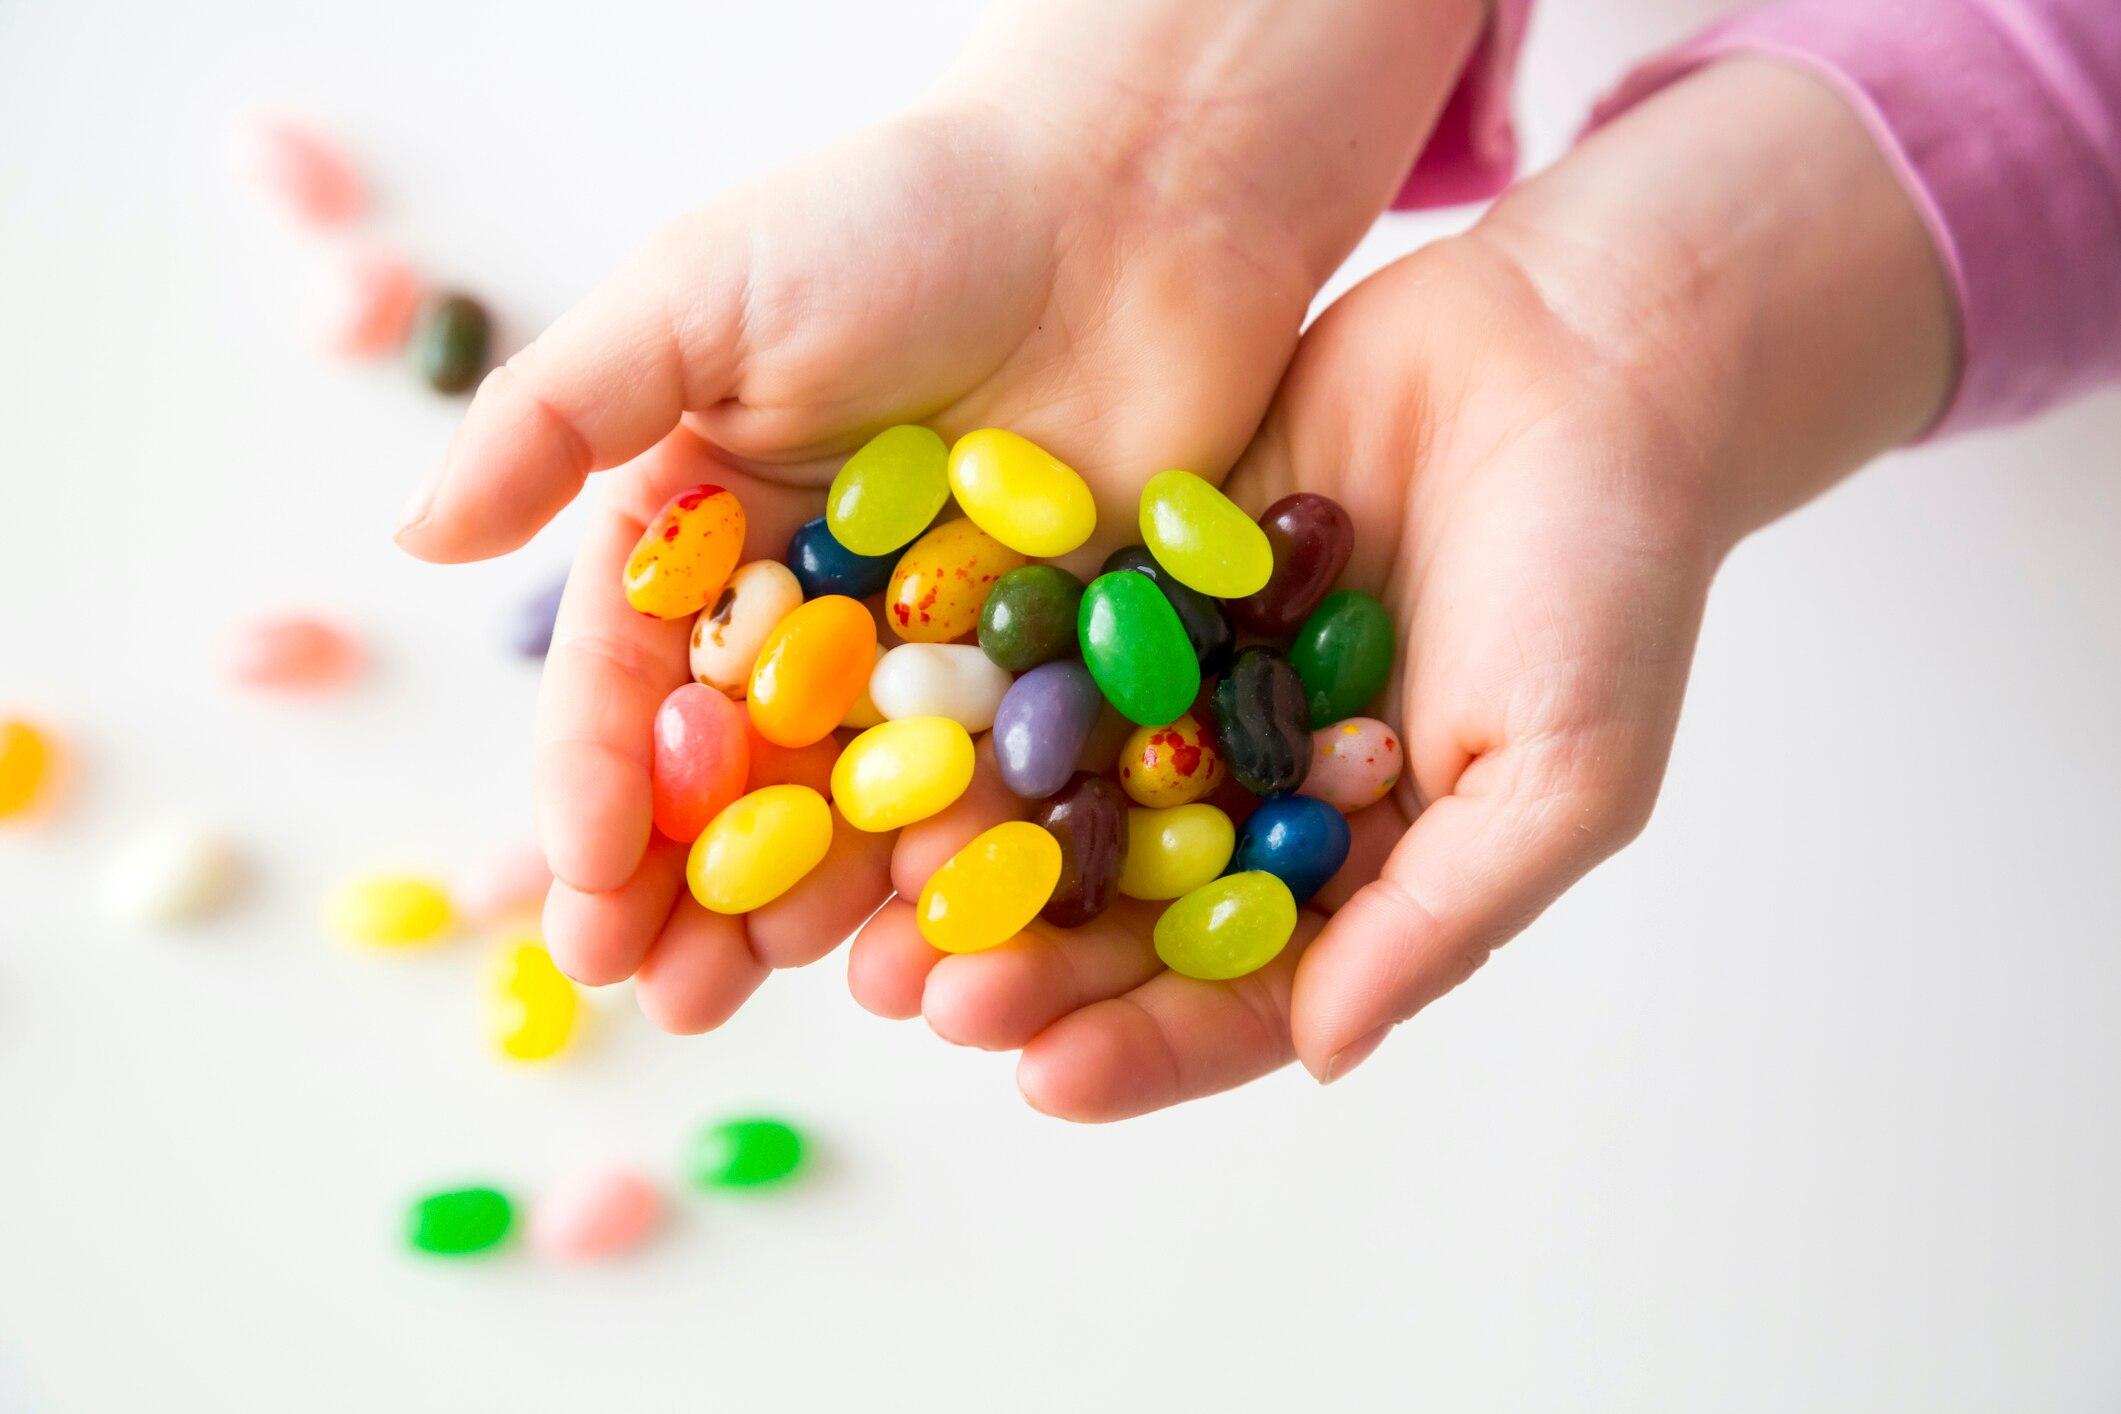 -wie-ich-es-schaffte-dass-meine-kinder-viel-weniger-zucker-konsumieren